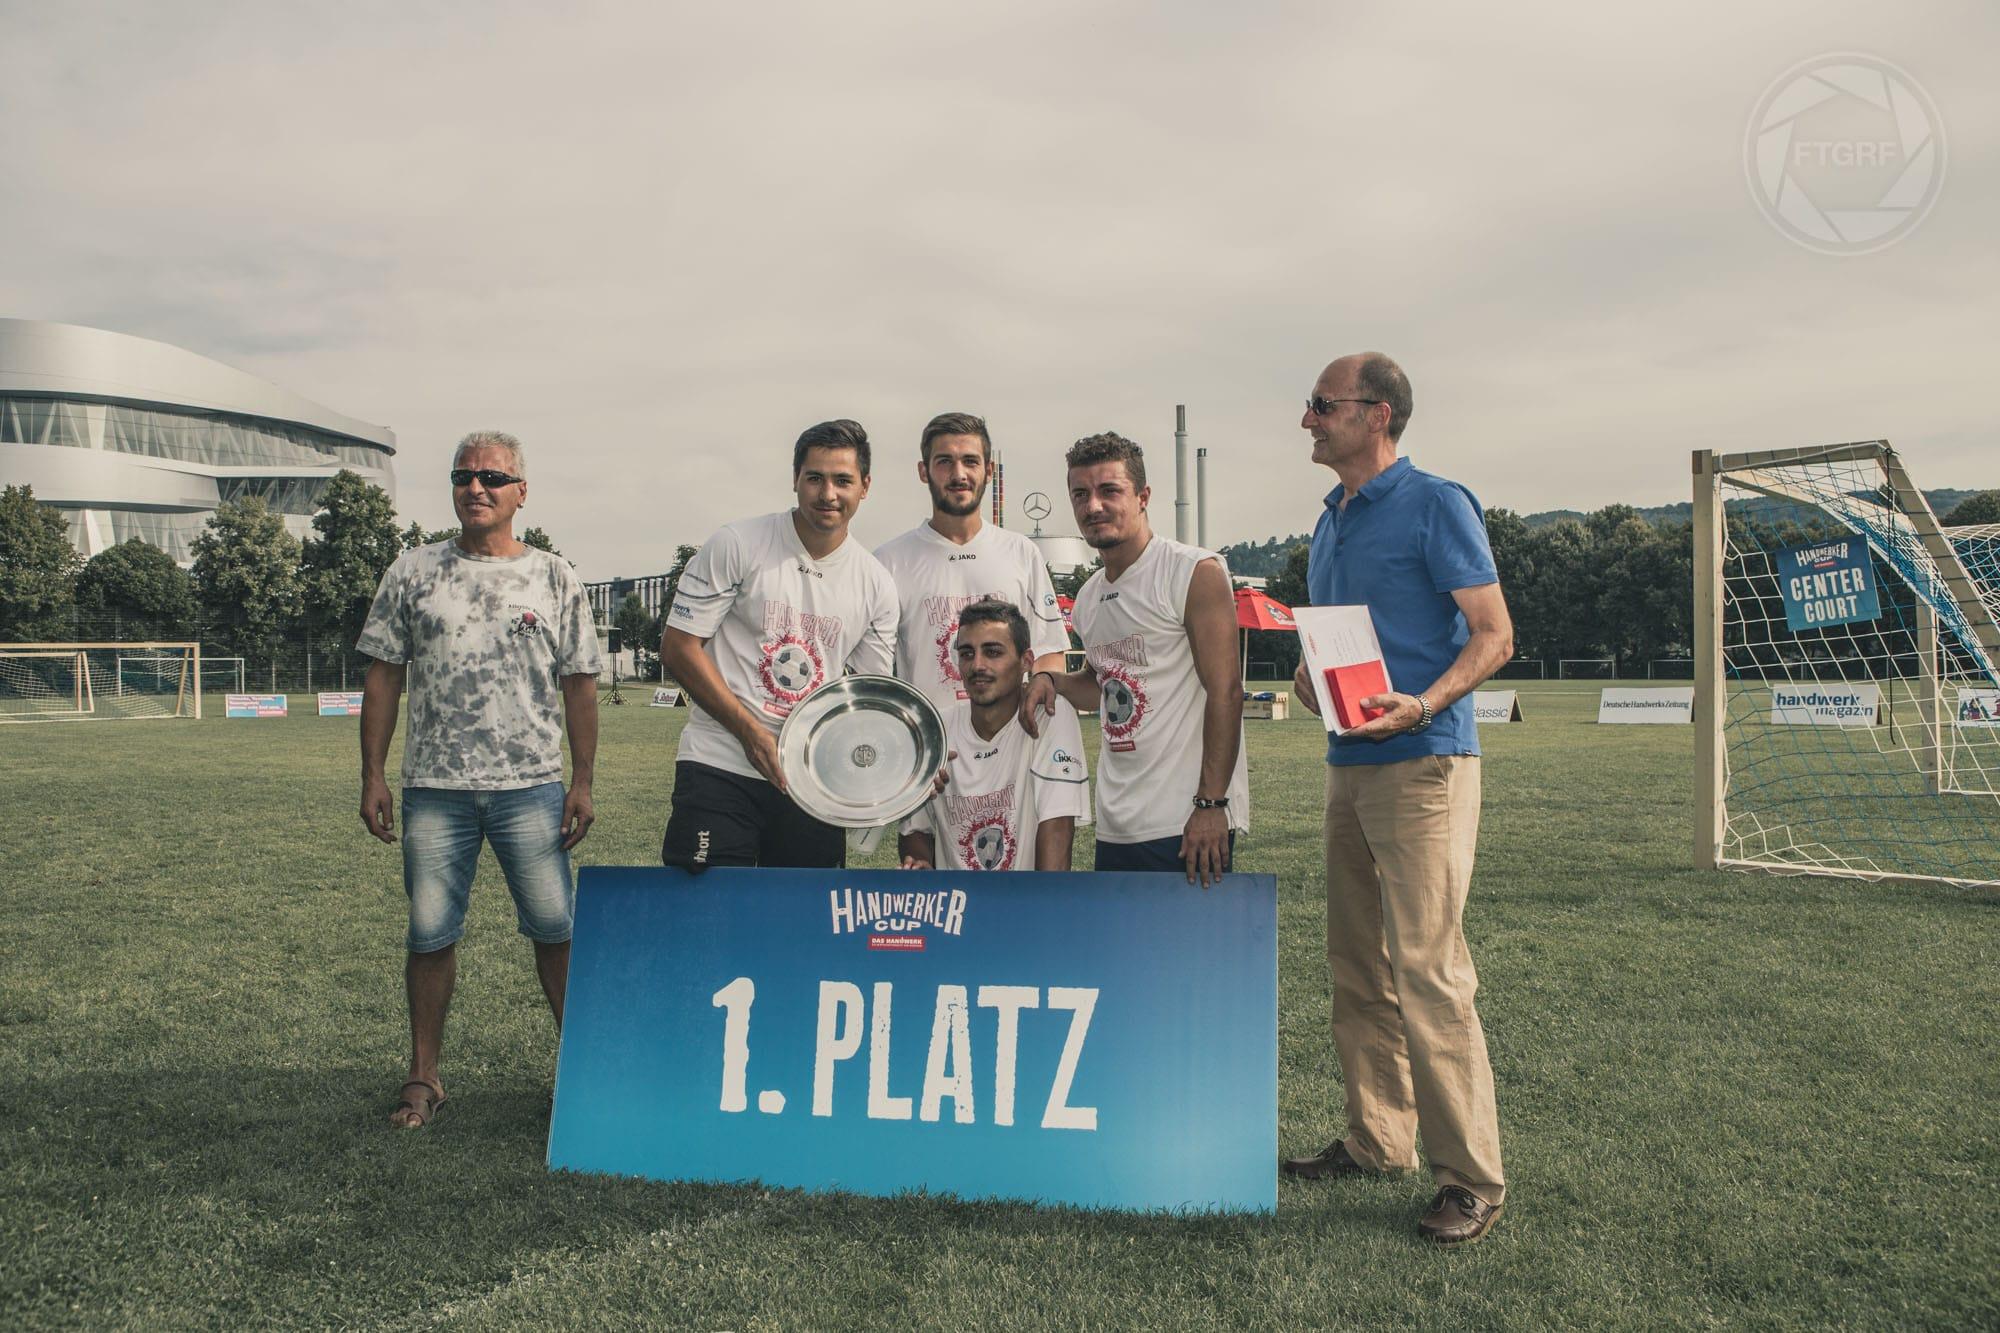 Handwerker Cup in Stuttgart 2014